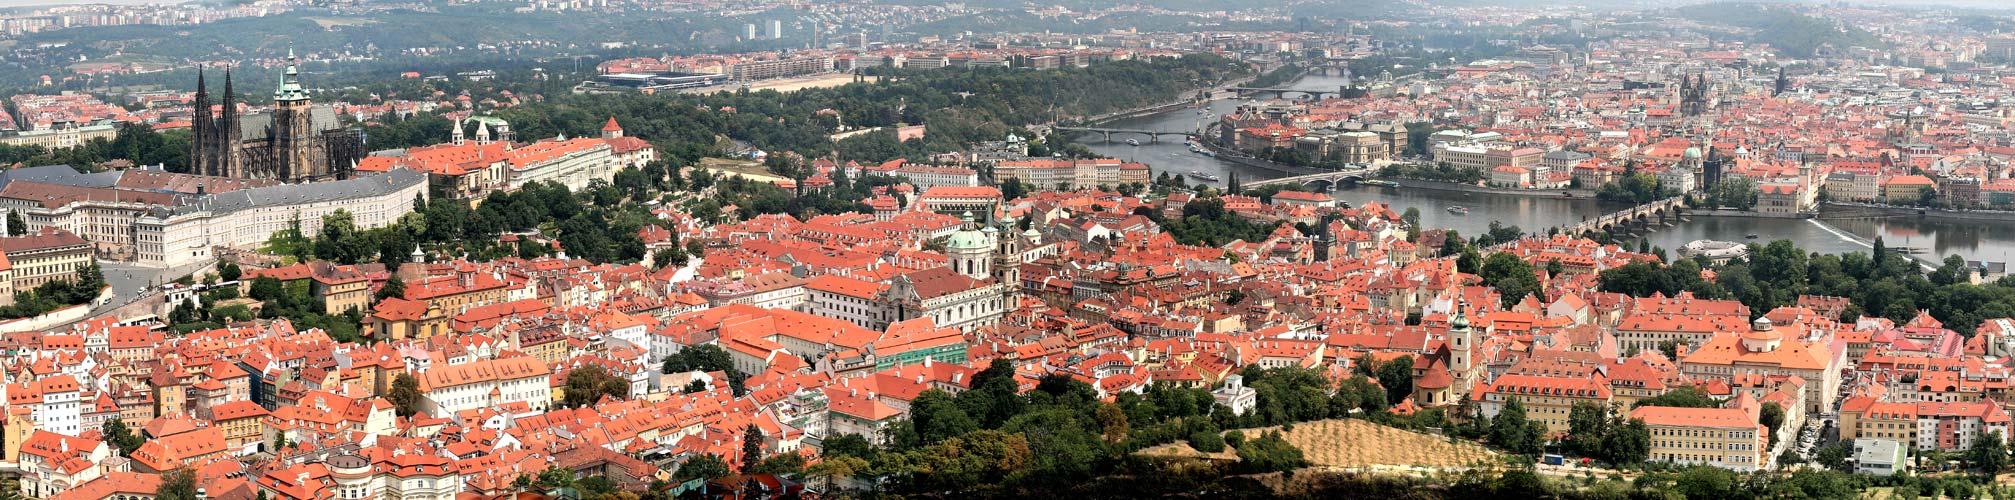 Prag, Praha, Prague - Panorama